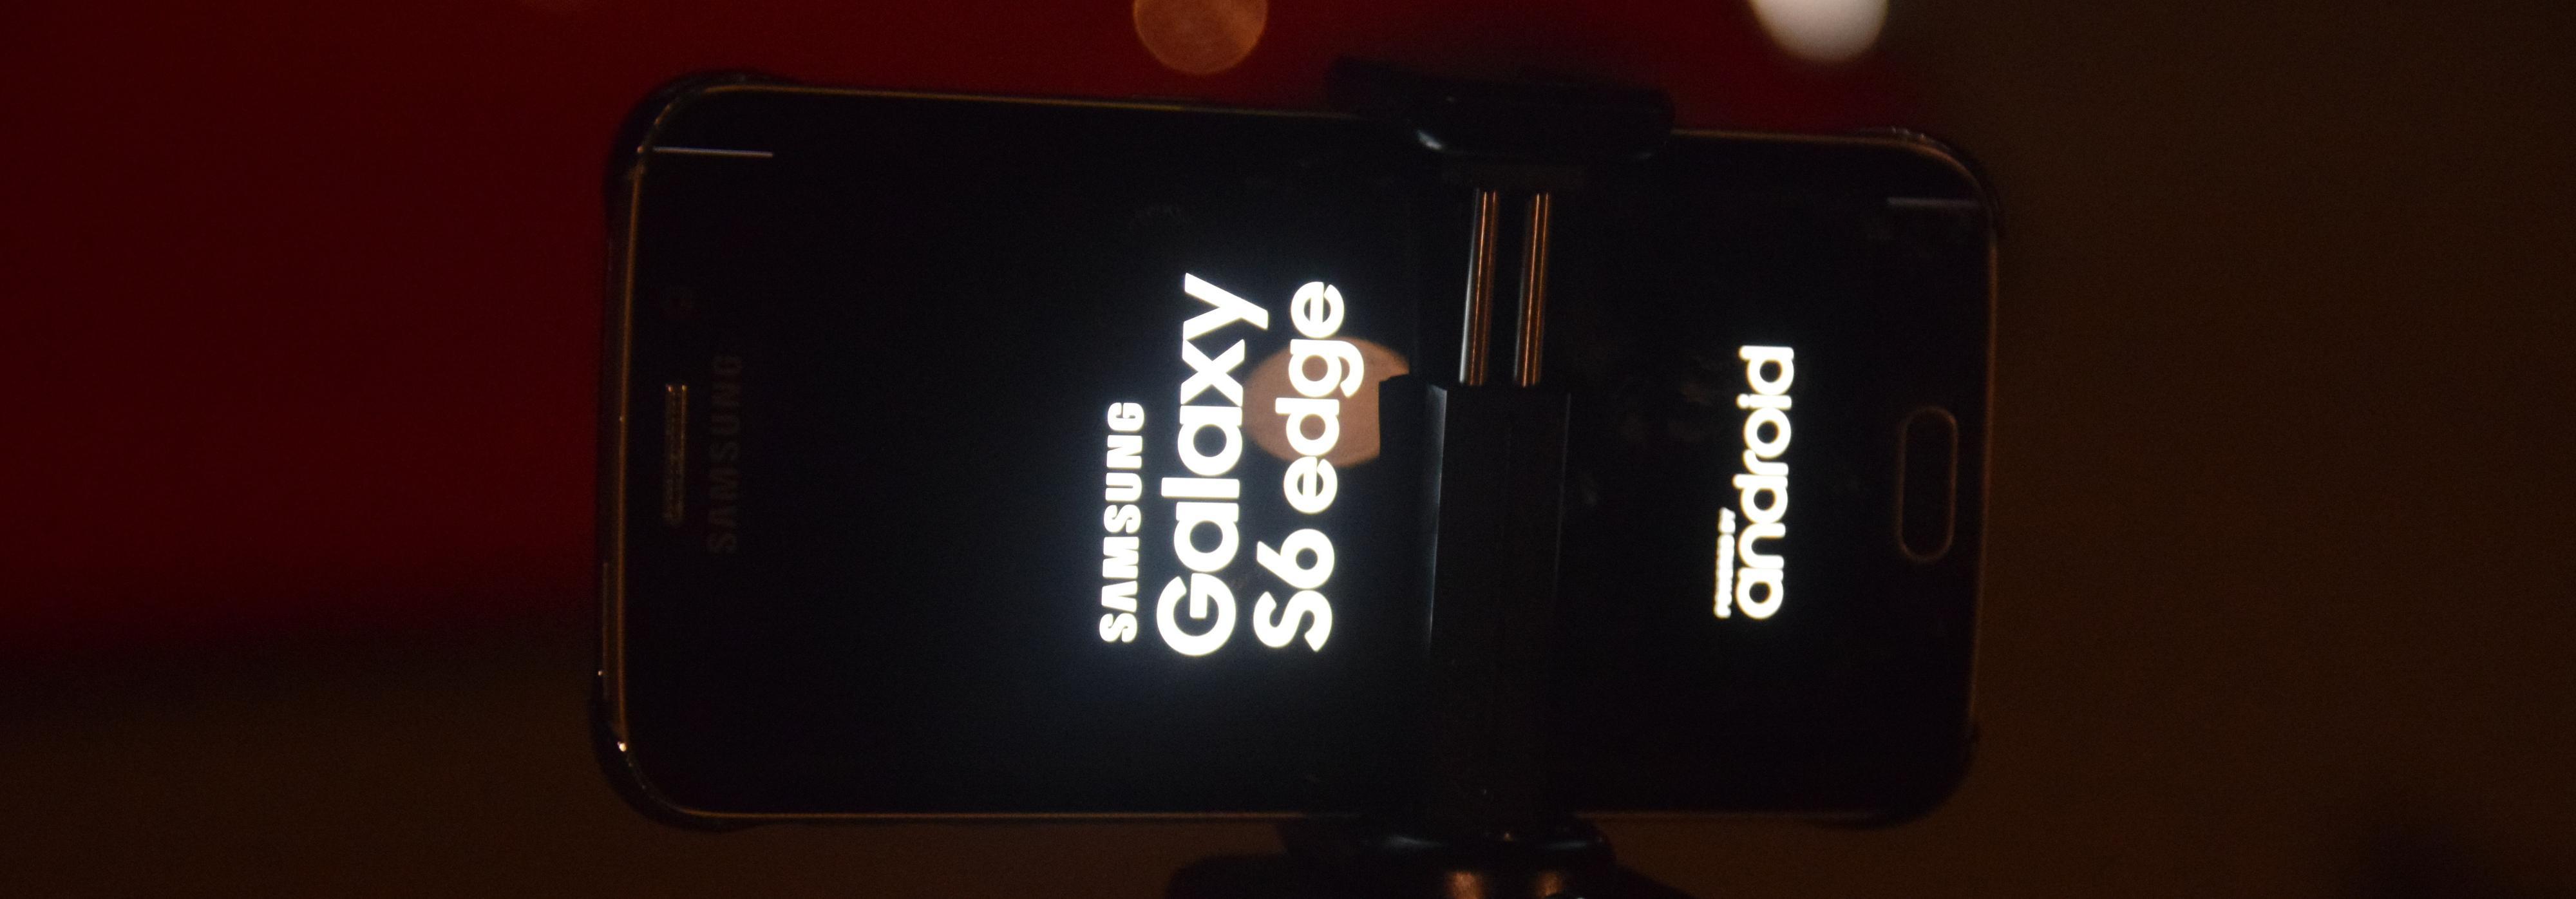 Det er fortsatt tidlig for apper som gir full kamerakontroll i Android. Det ga seg utslag i veldig mange omstarter. Foto: Finn Jarle Kvalheim, Tek.no